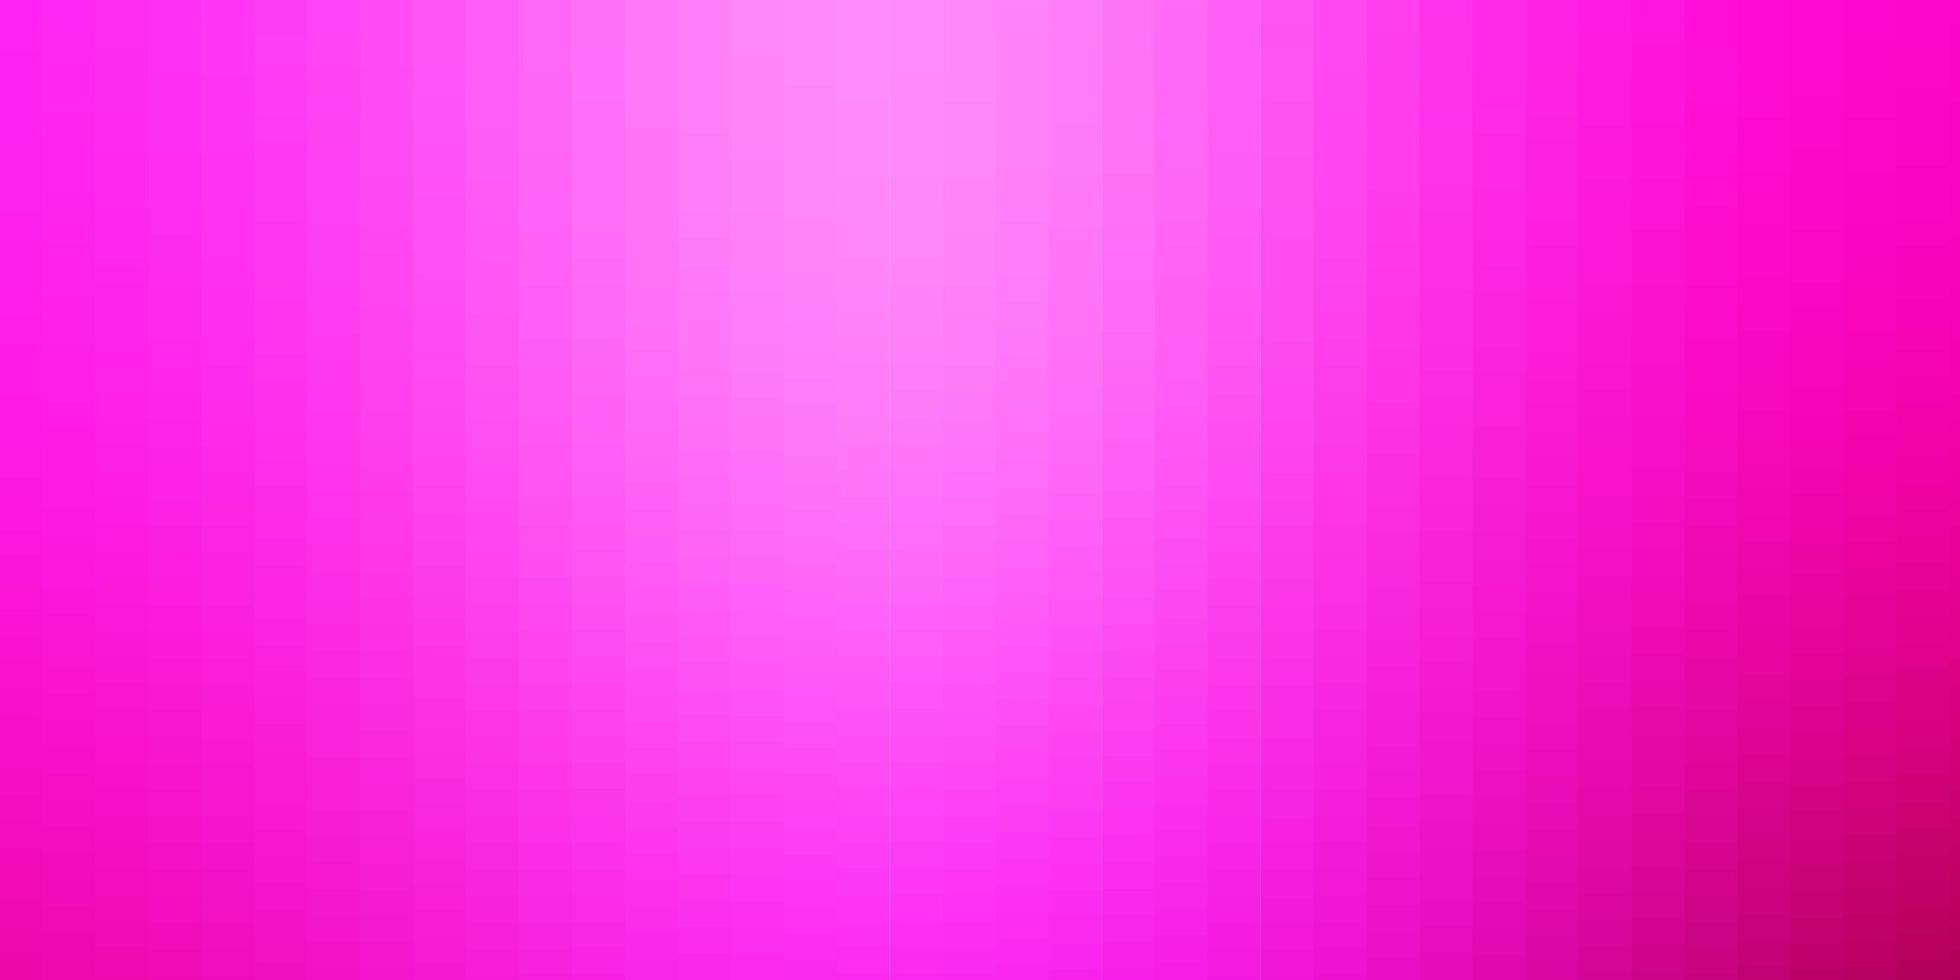 trama rosa in stile rettangolare. vettore